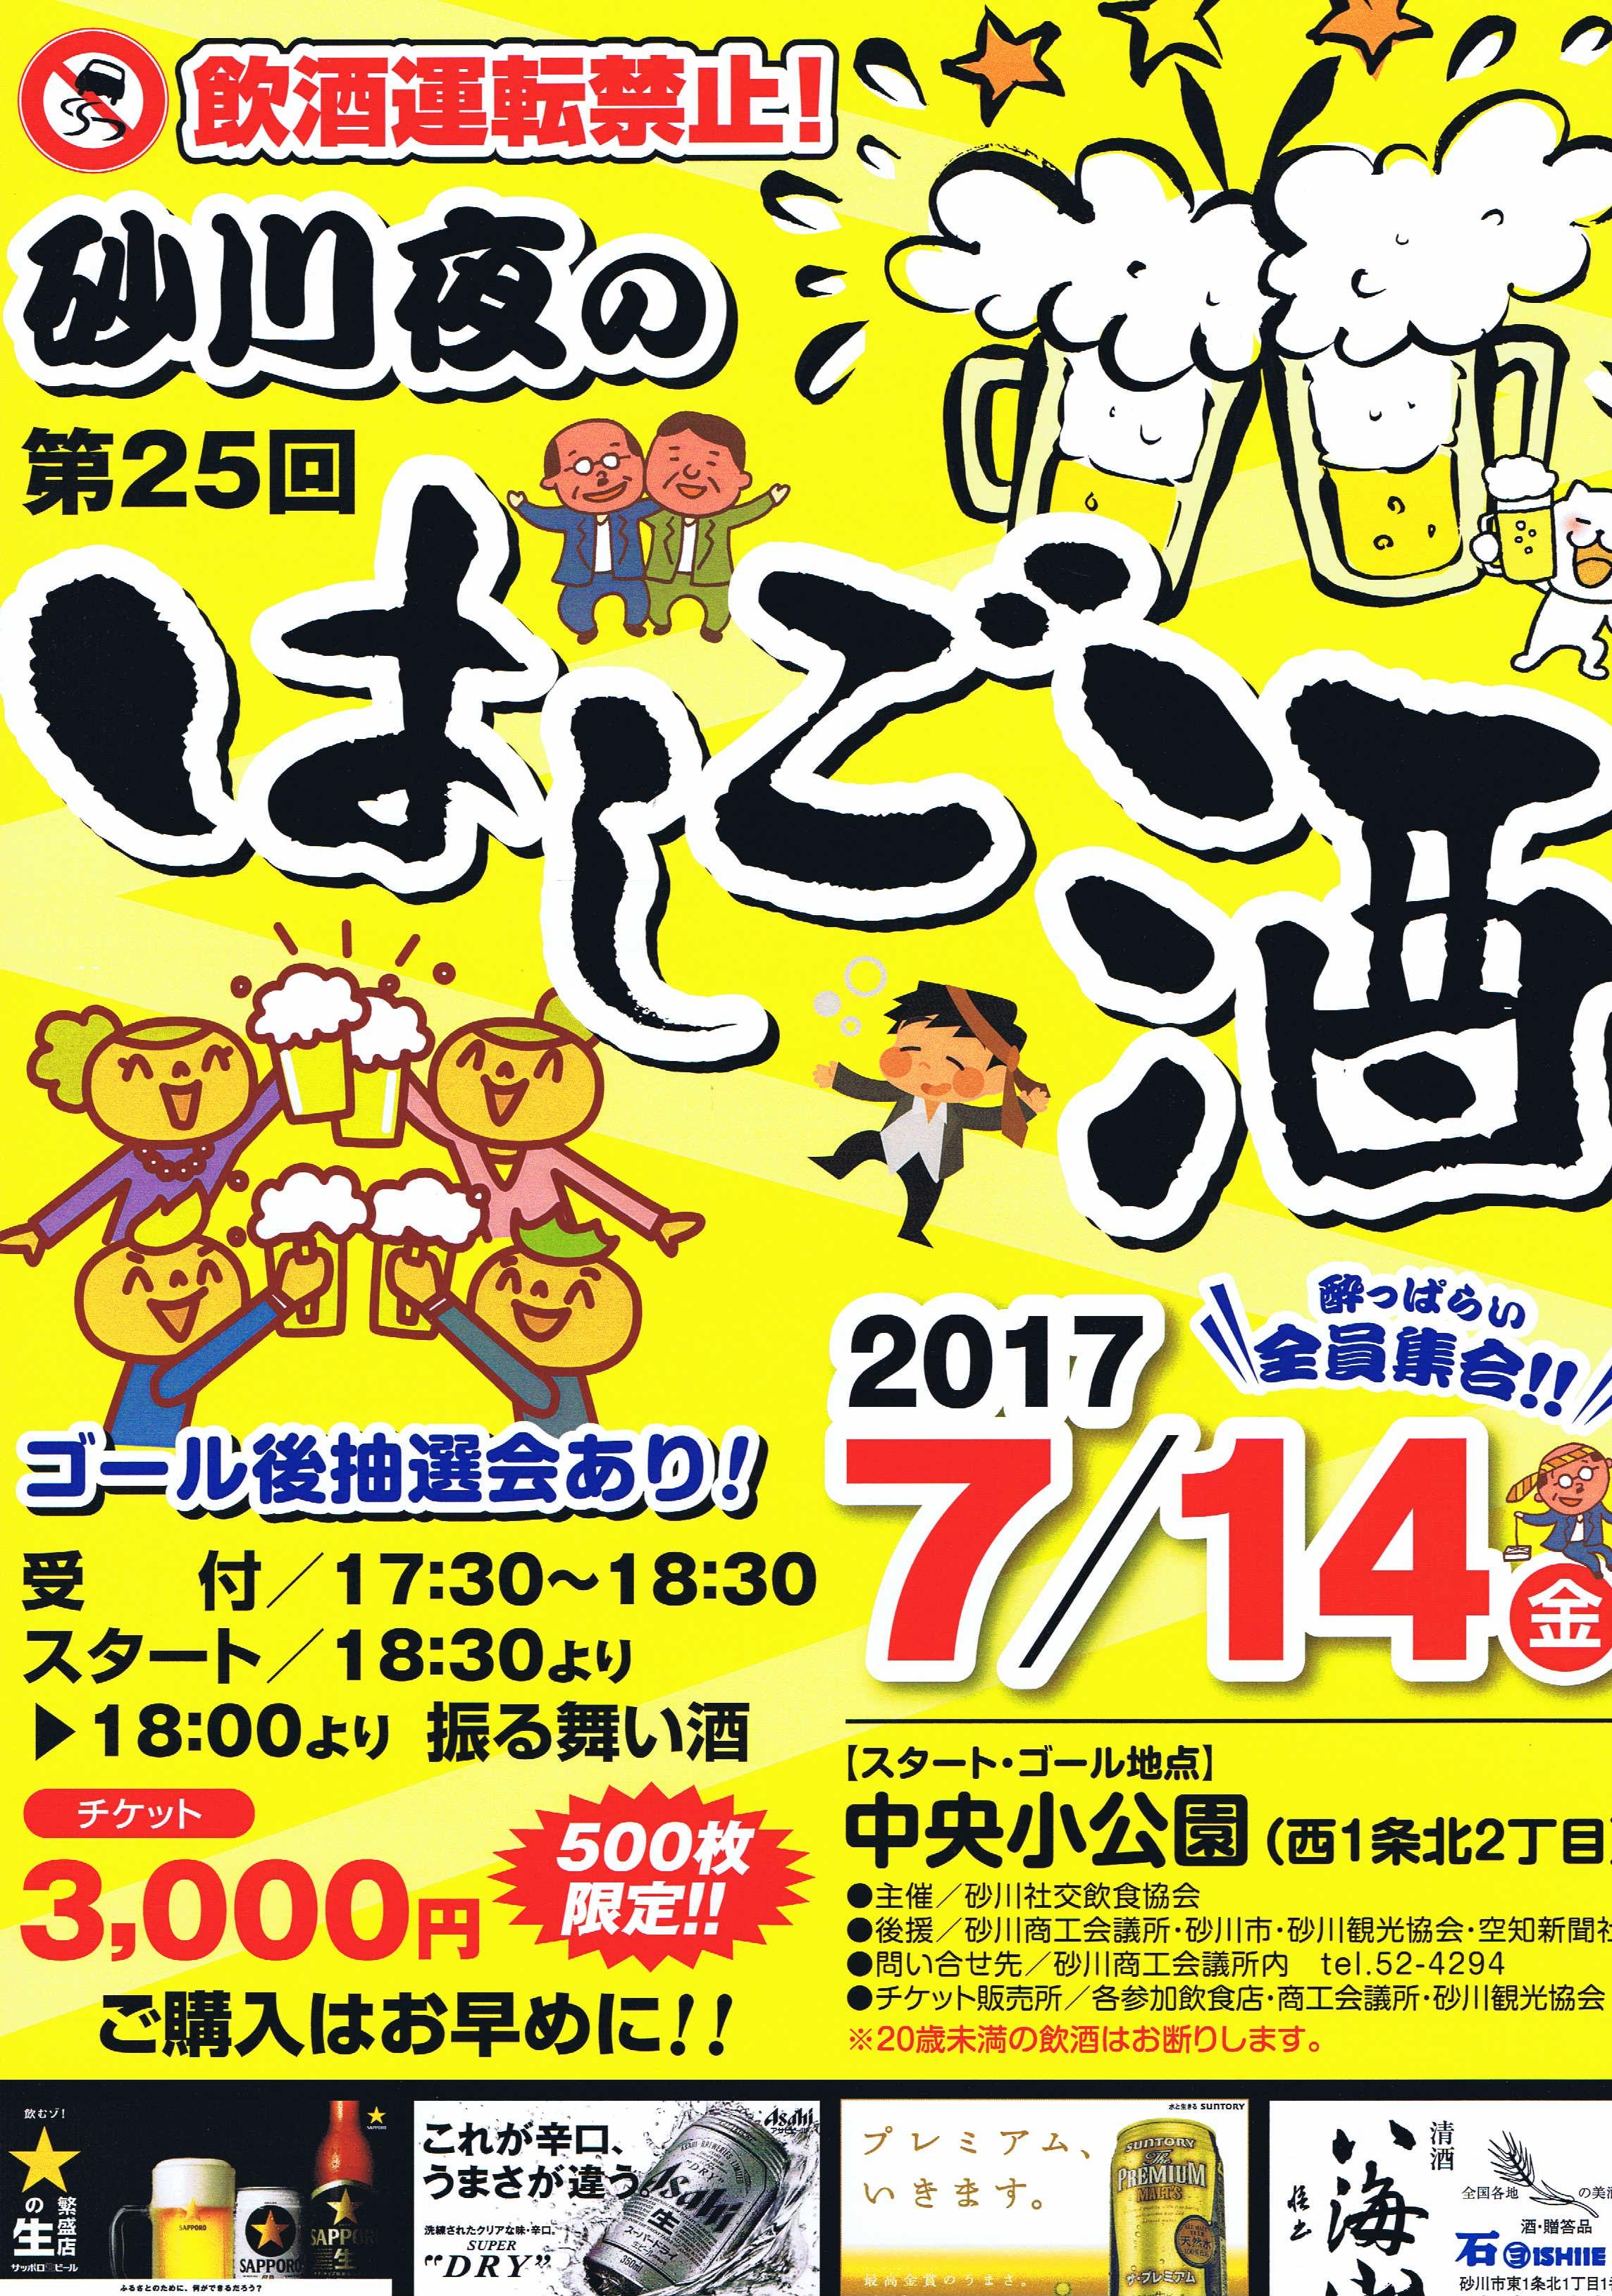 第25回砂川はしご酒大会(2017年)のポスター